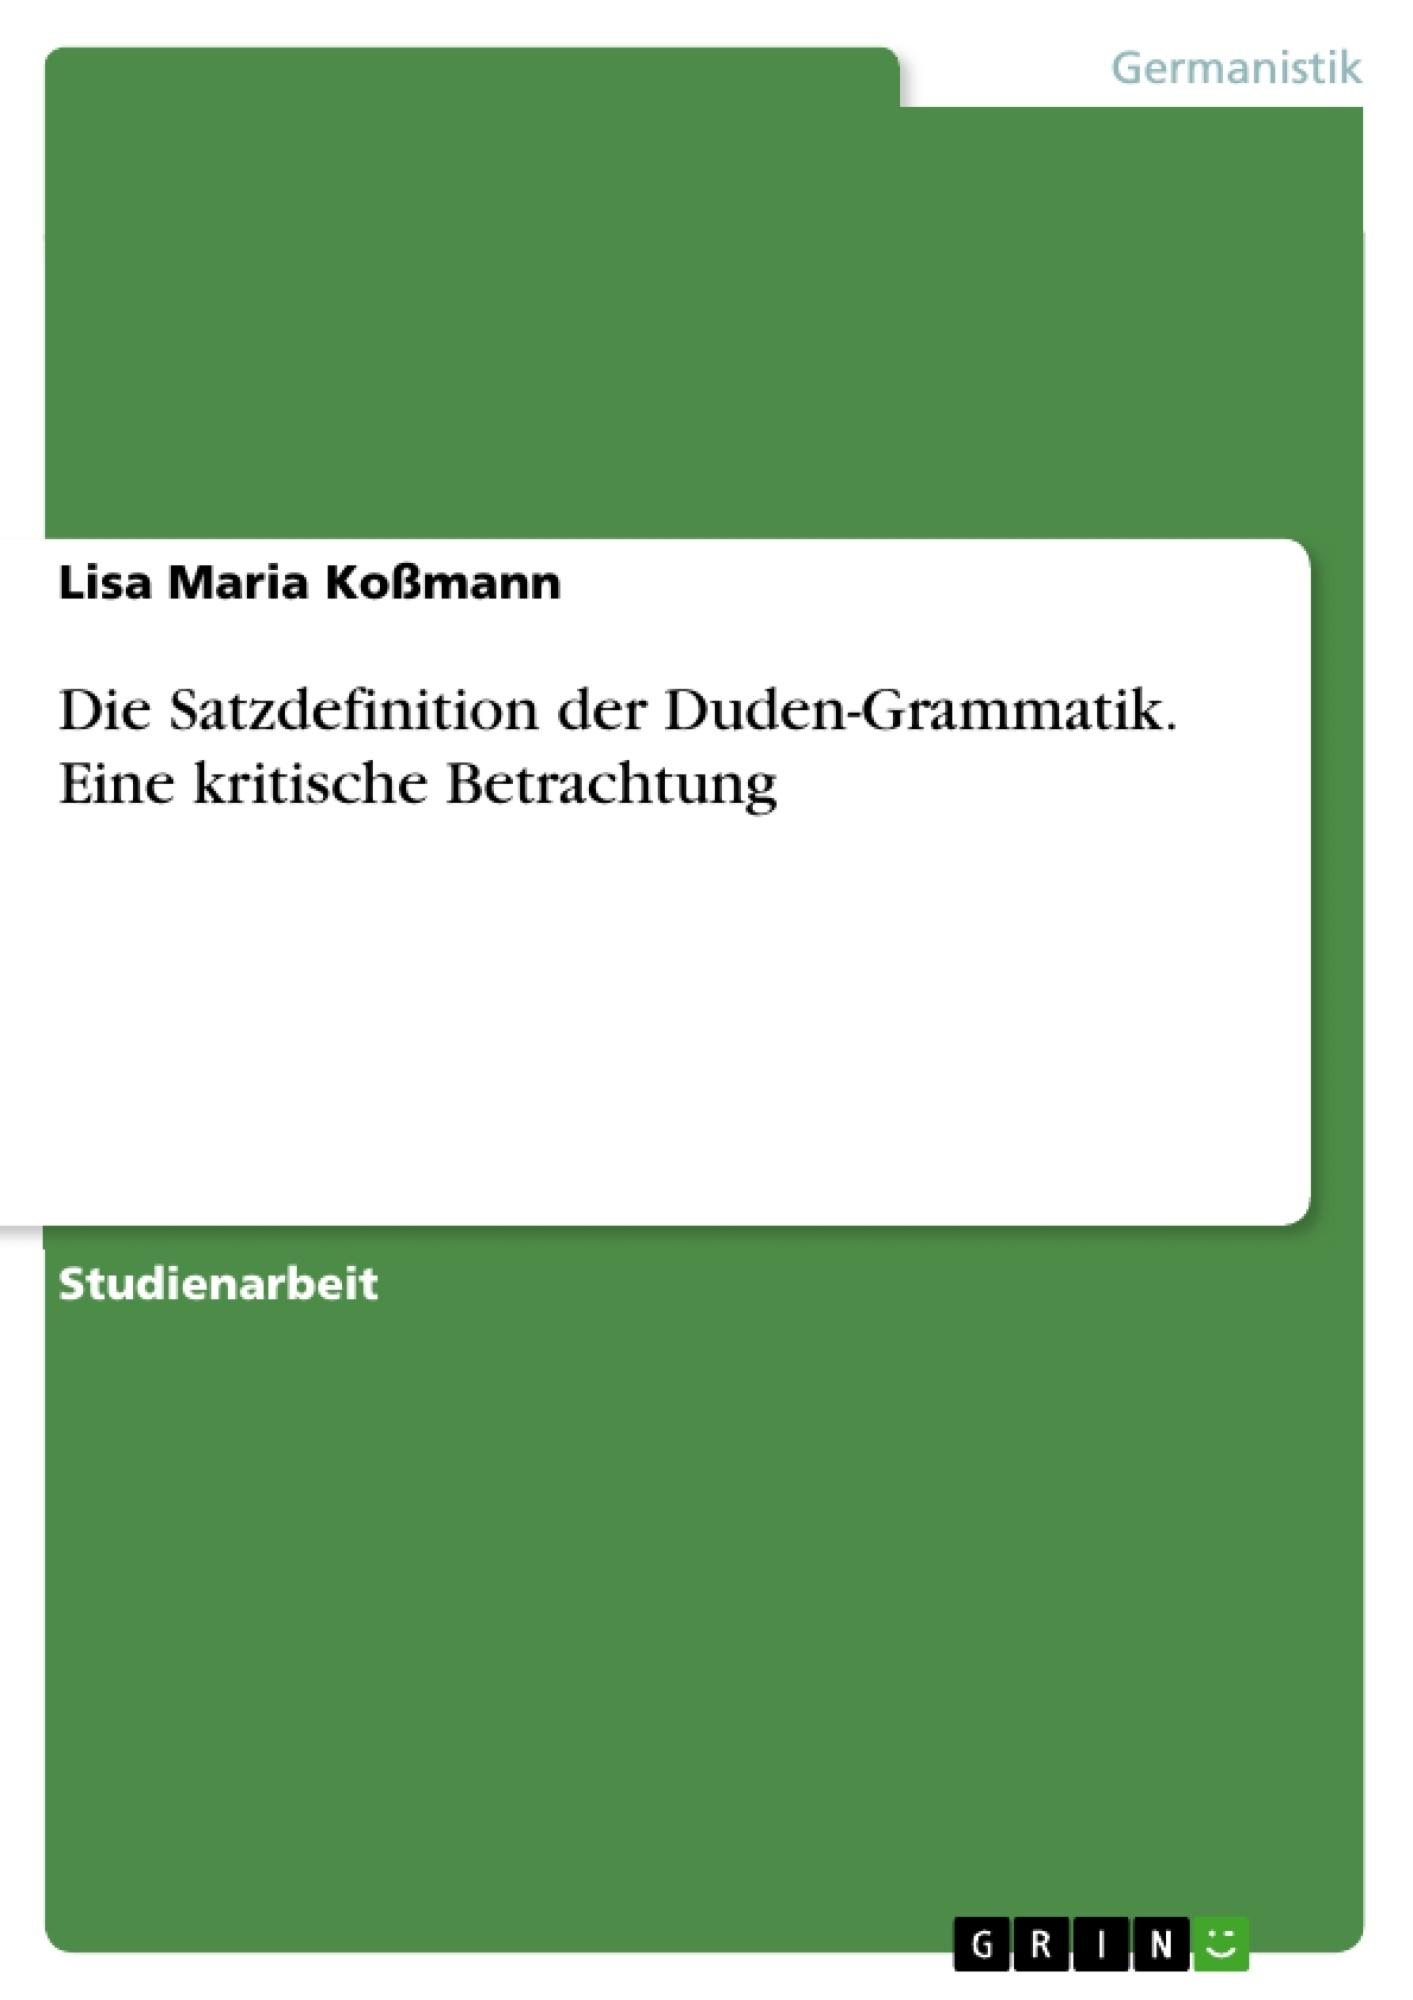 Titel: Die Satzdefinition der Duden-Grammatik. Eine kritische Betrachtung